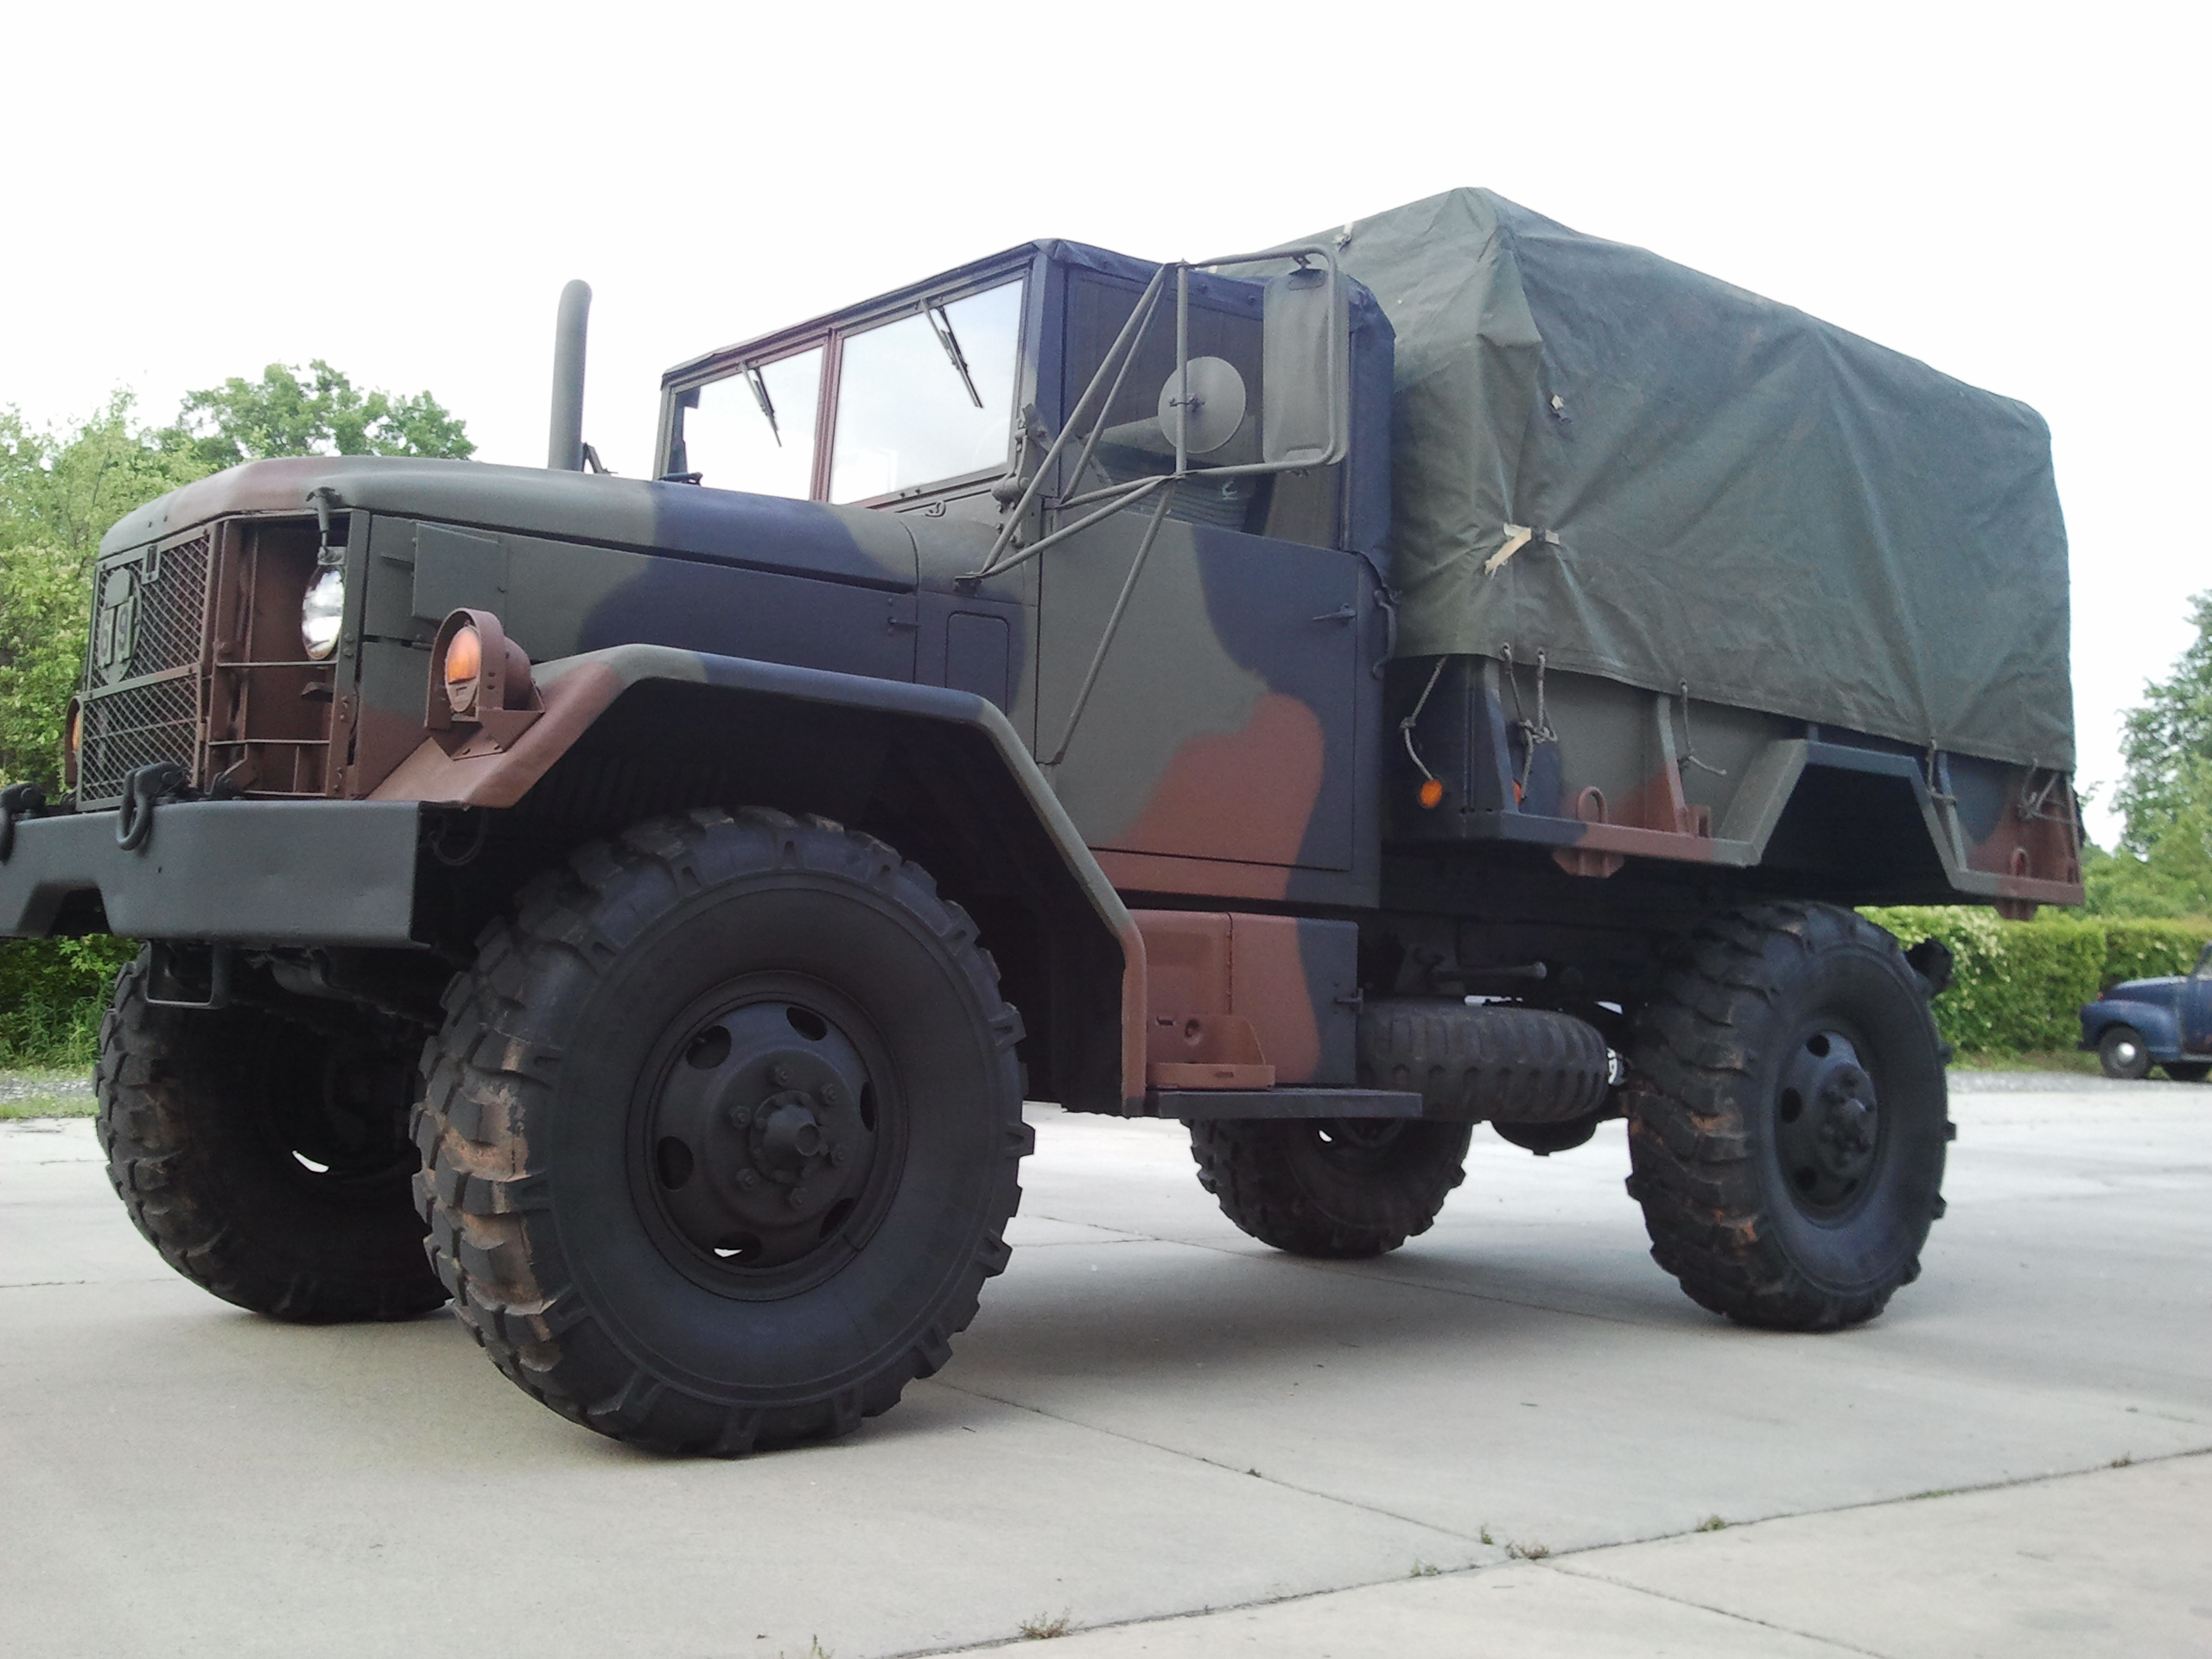 armored truck for sale craigslist bug out truck bobbed deuce. Black Bedroom Furniture Sets. Home Design Ideas